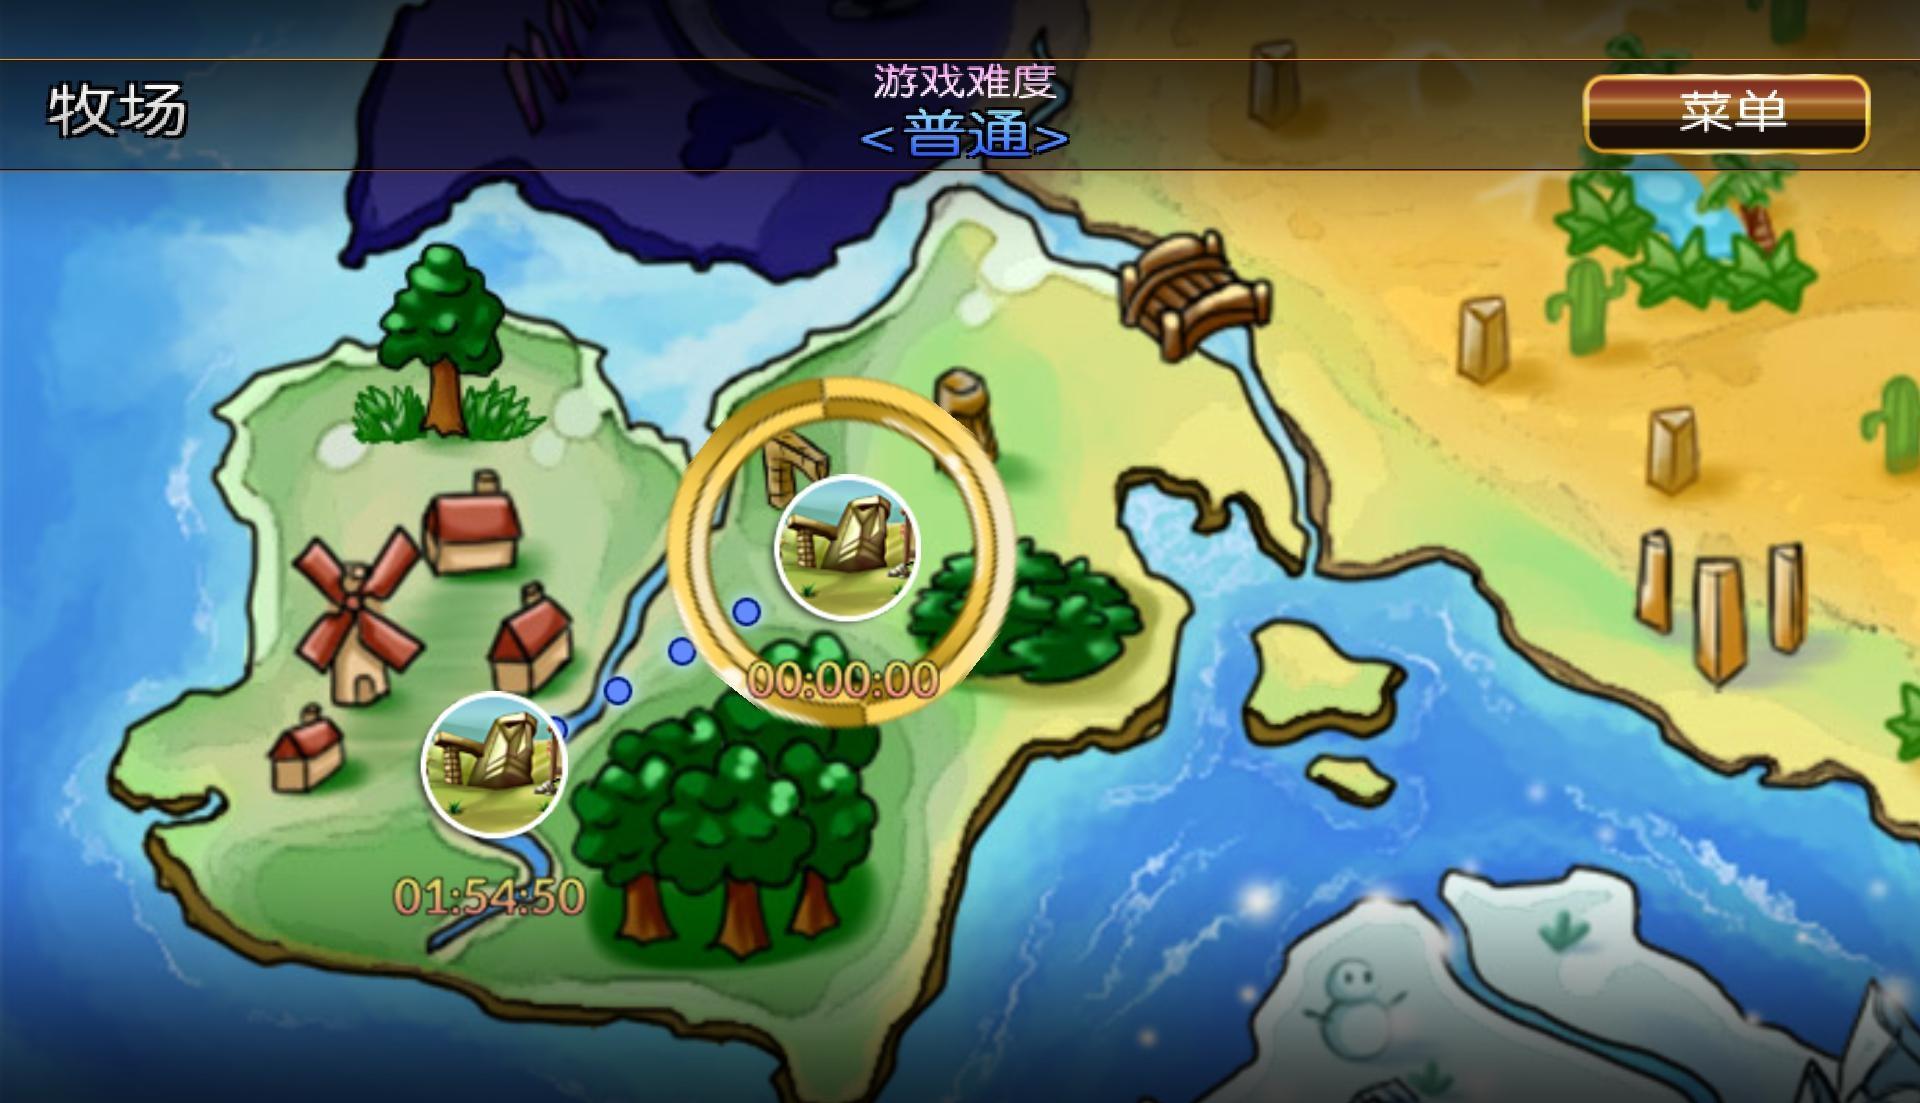 奥比岛塔利亚奇迹图片魔法造型